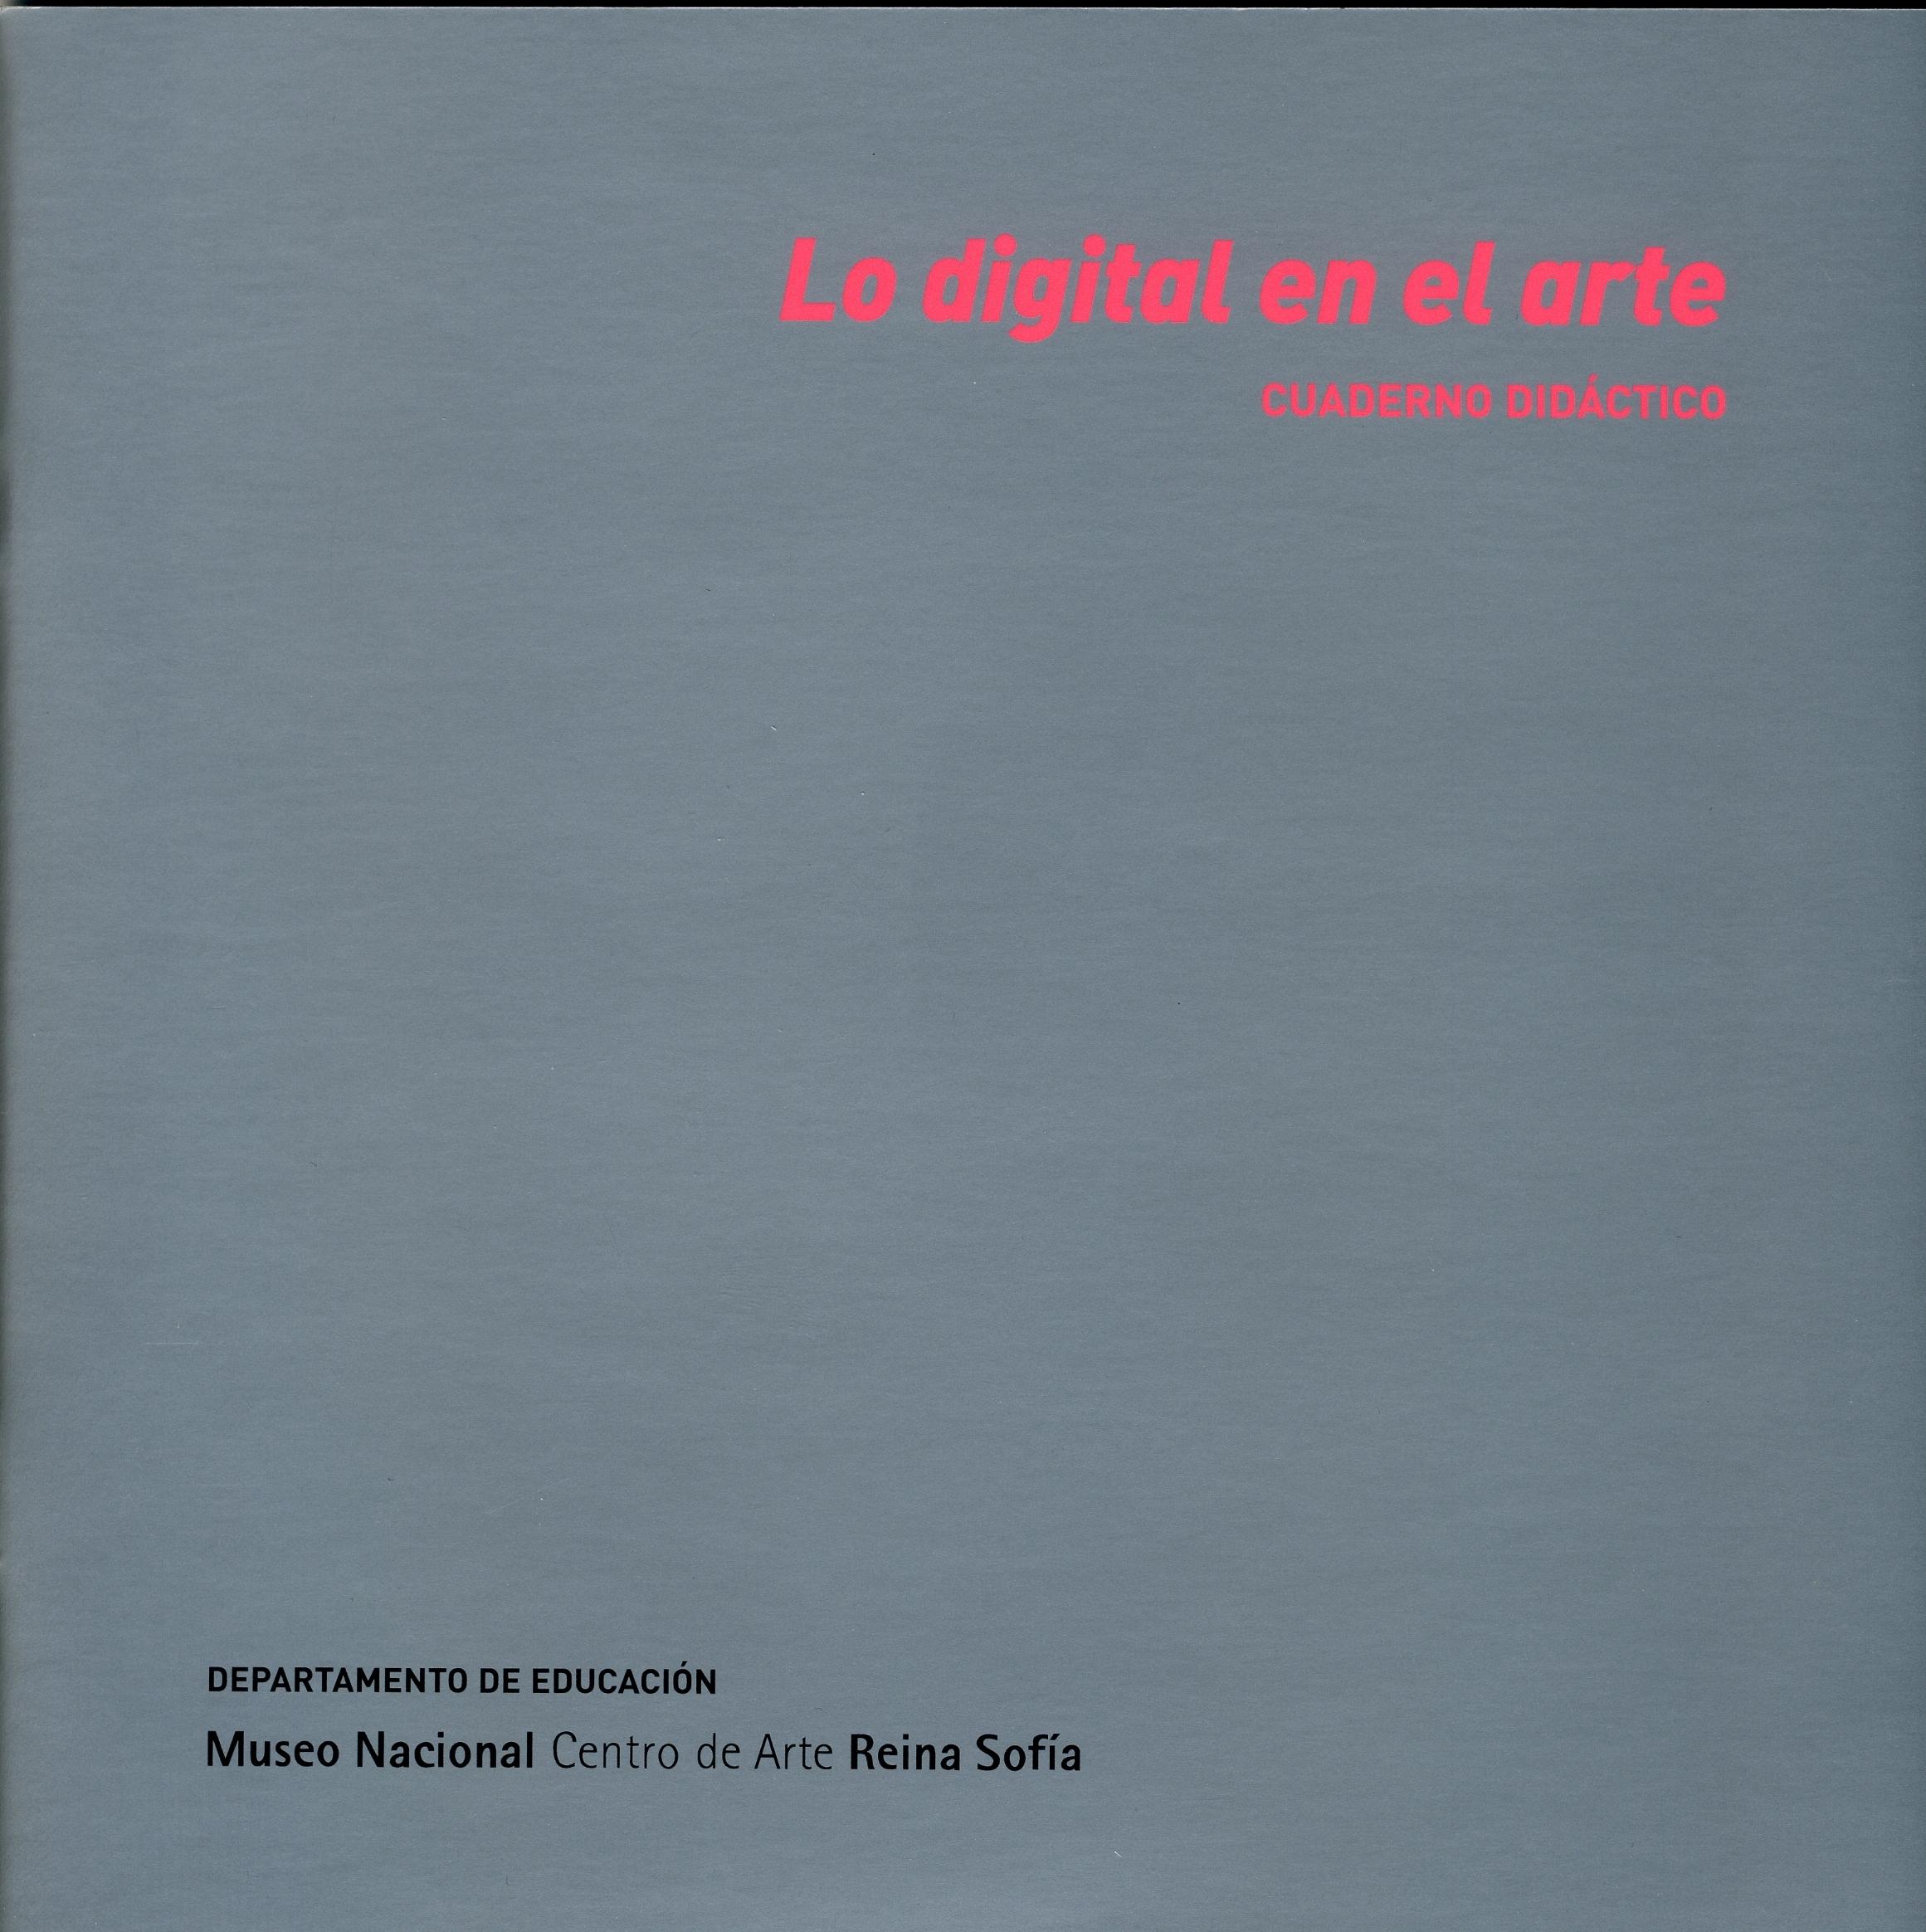 Lo digital en el arte, 2008